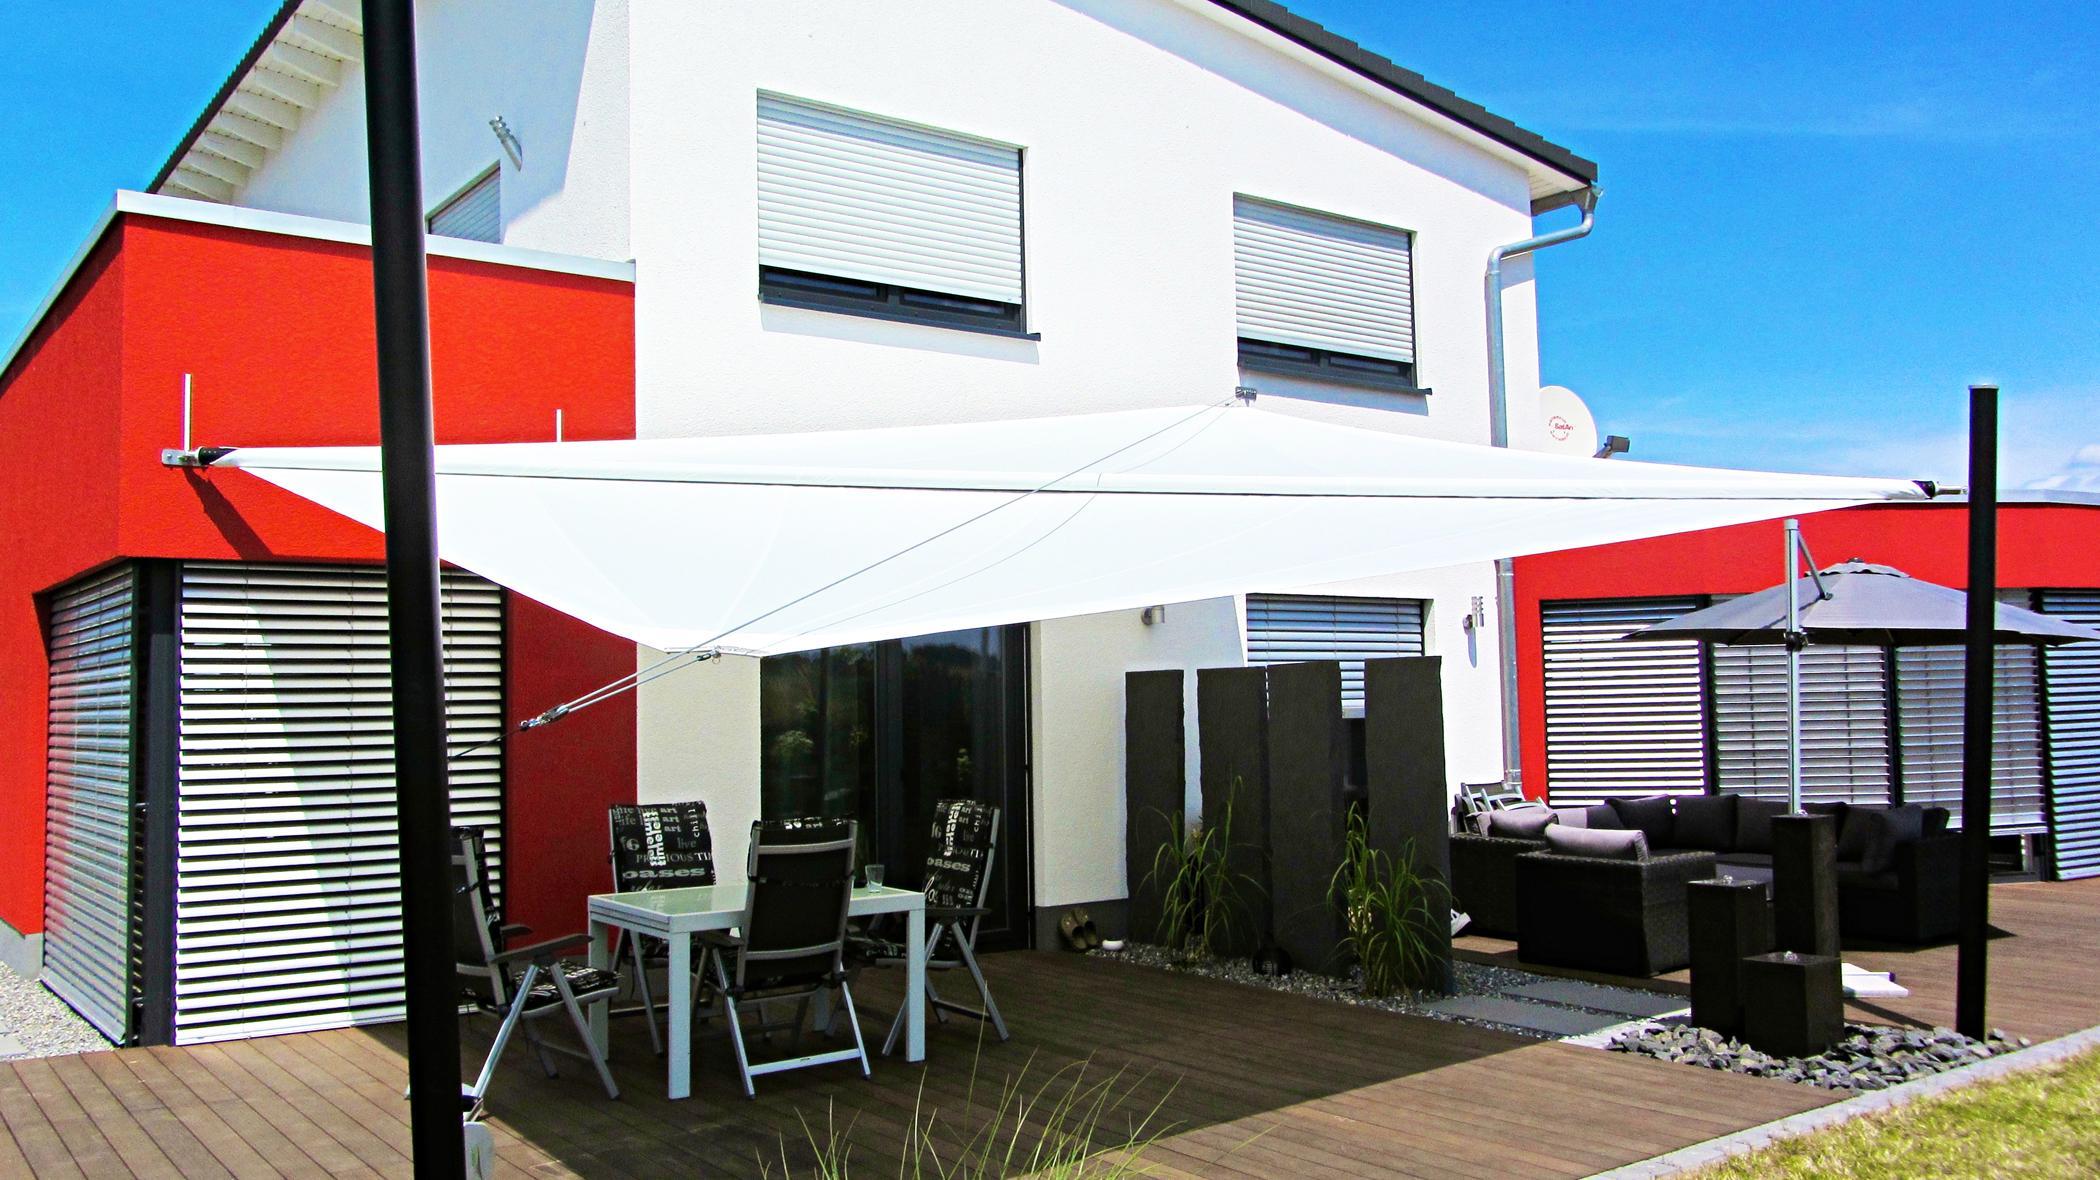 Dachfenster einbauen vorteile ideen  sonnensegel terrasse - sonnenschutz online bestellen | pina ...